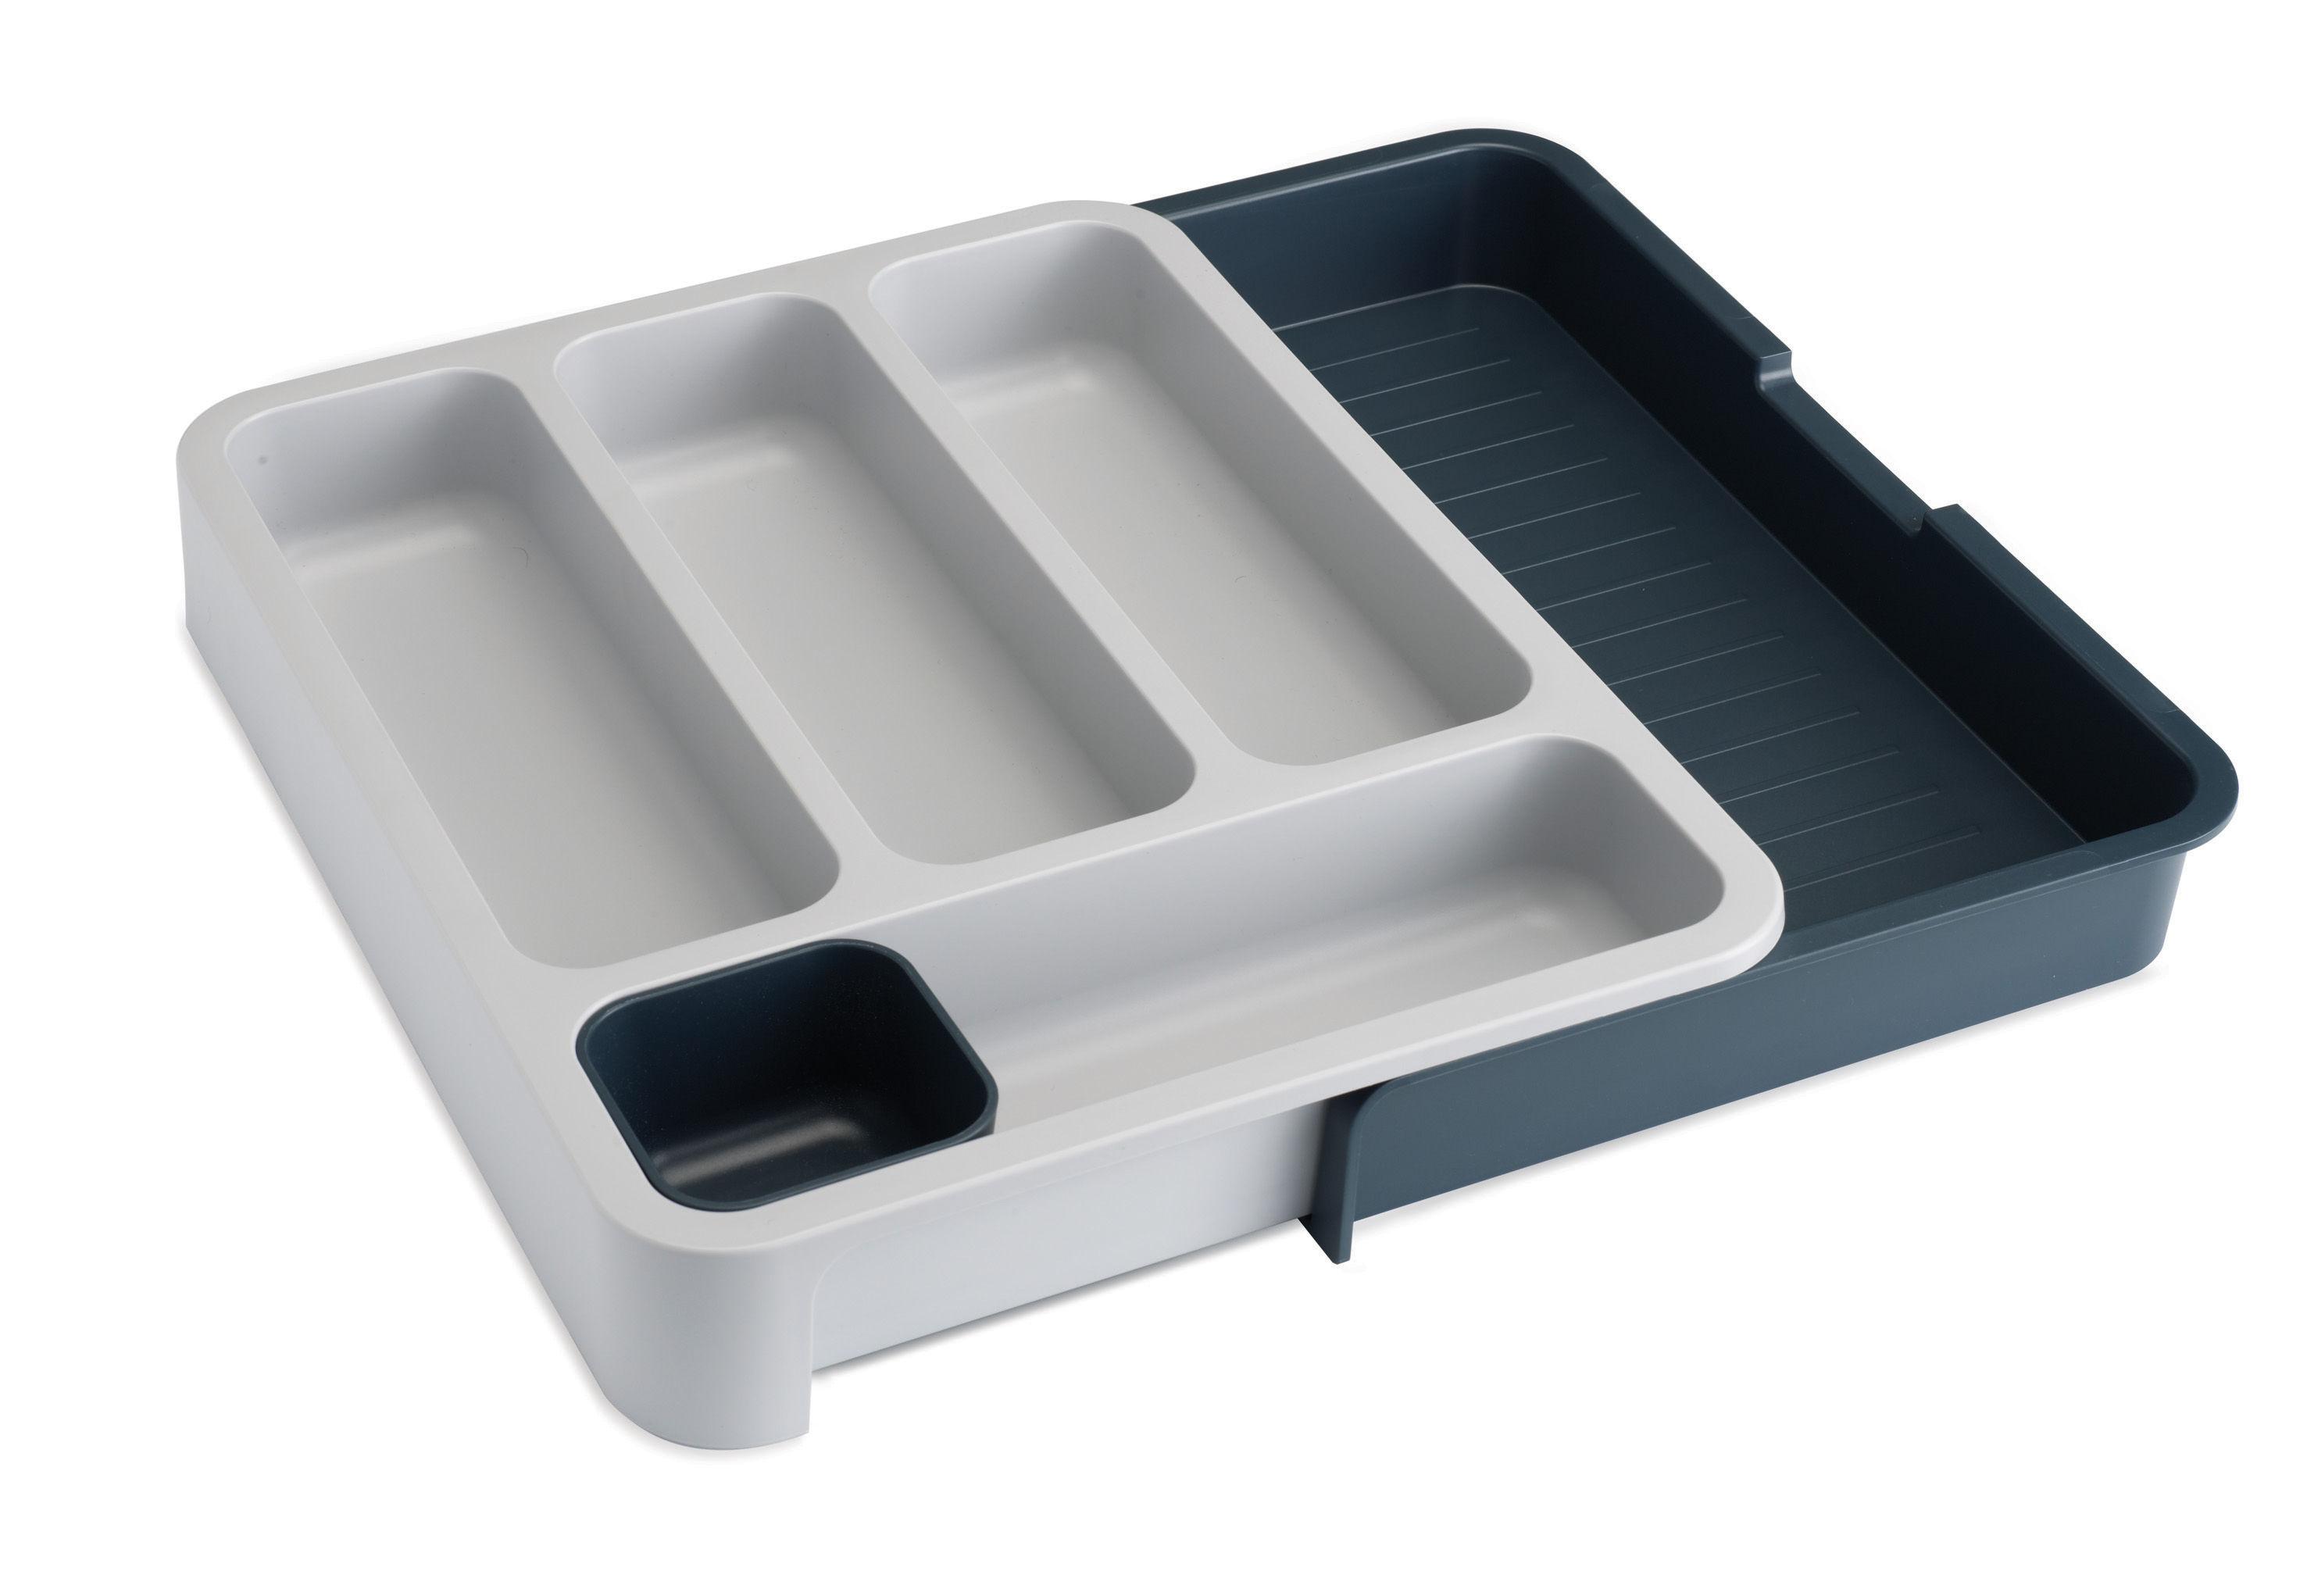 Küche - Einfach praktisch - DrawerStore Besteckhalter / ausziehbar - Joseph Joseph - Weiß / grau - Polypropylen